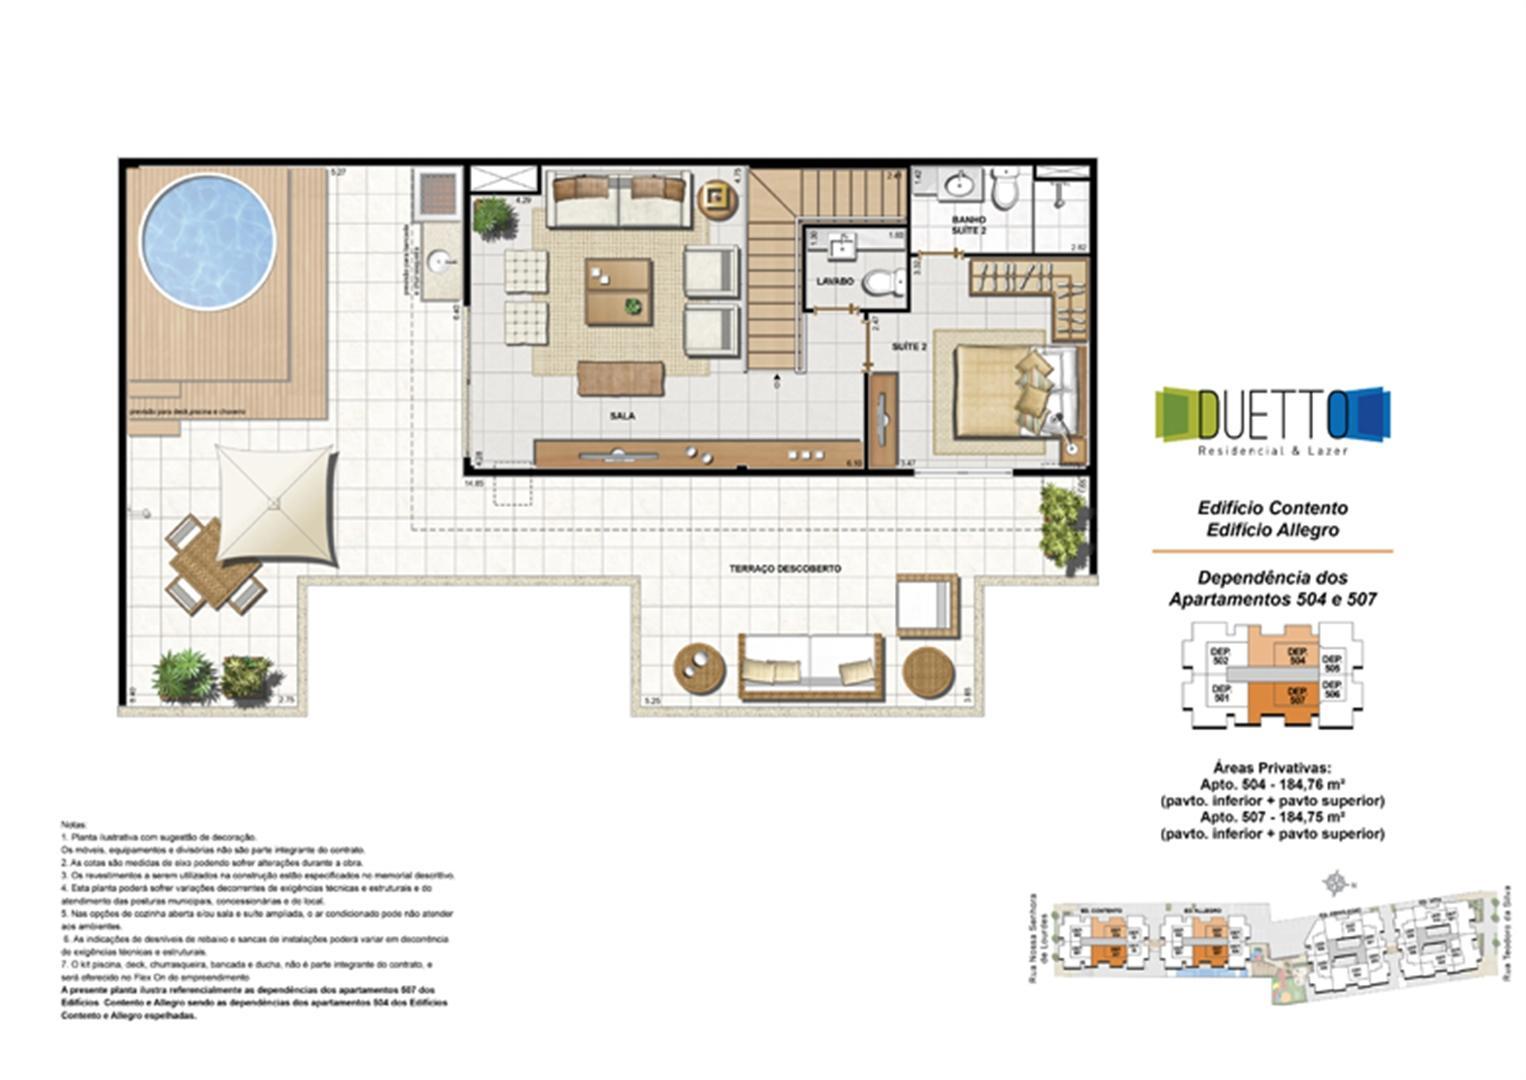 Cobertura Duplex - 2 Quartos com suíte - 184m² - pavto Inferior + pavto superior (2) | Duetto Residencial & Lazer – Apartamento no  Grajaú - Rio de Janeiro - Rio de Janeiro